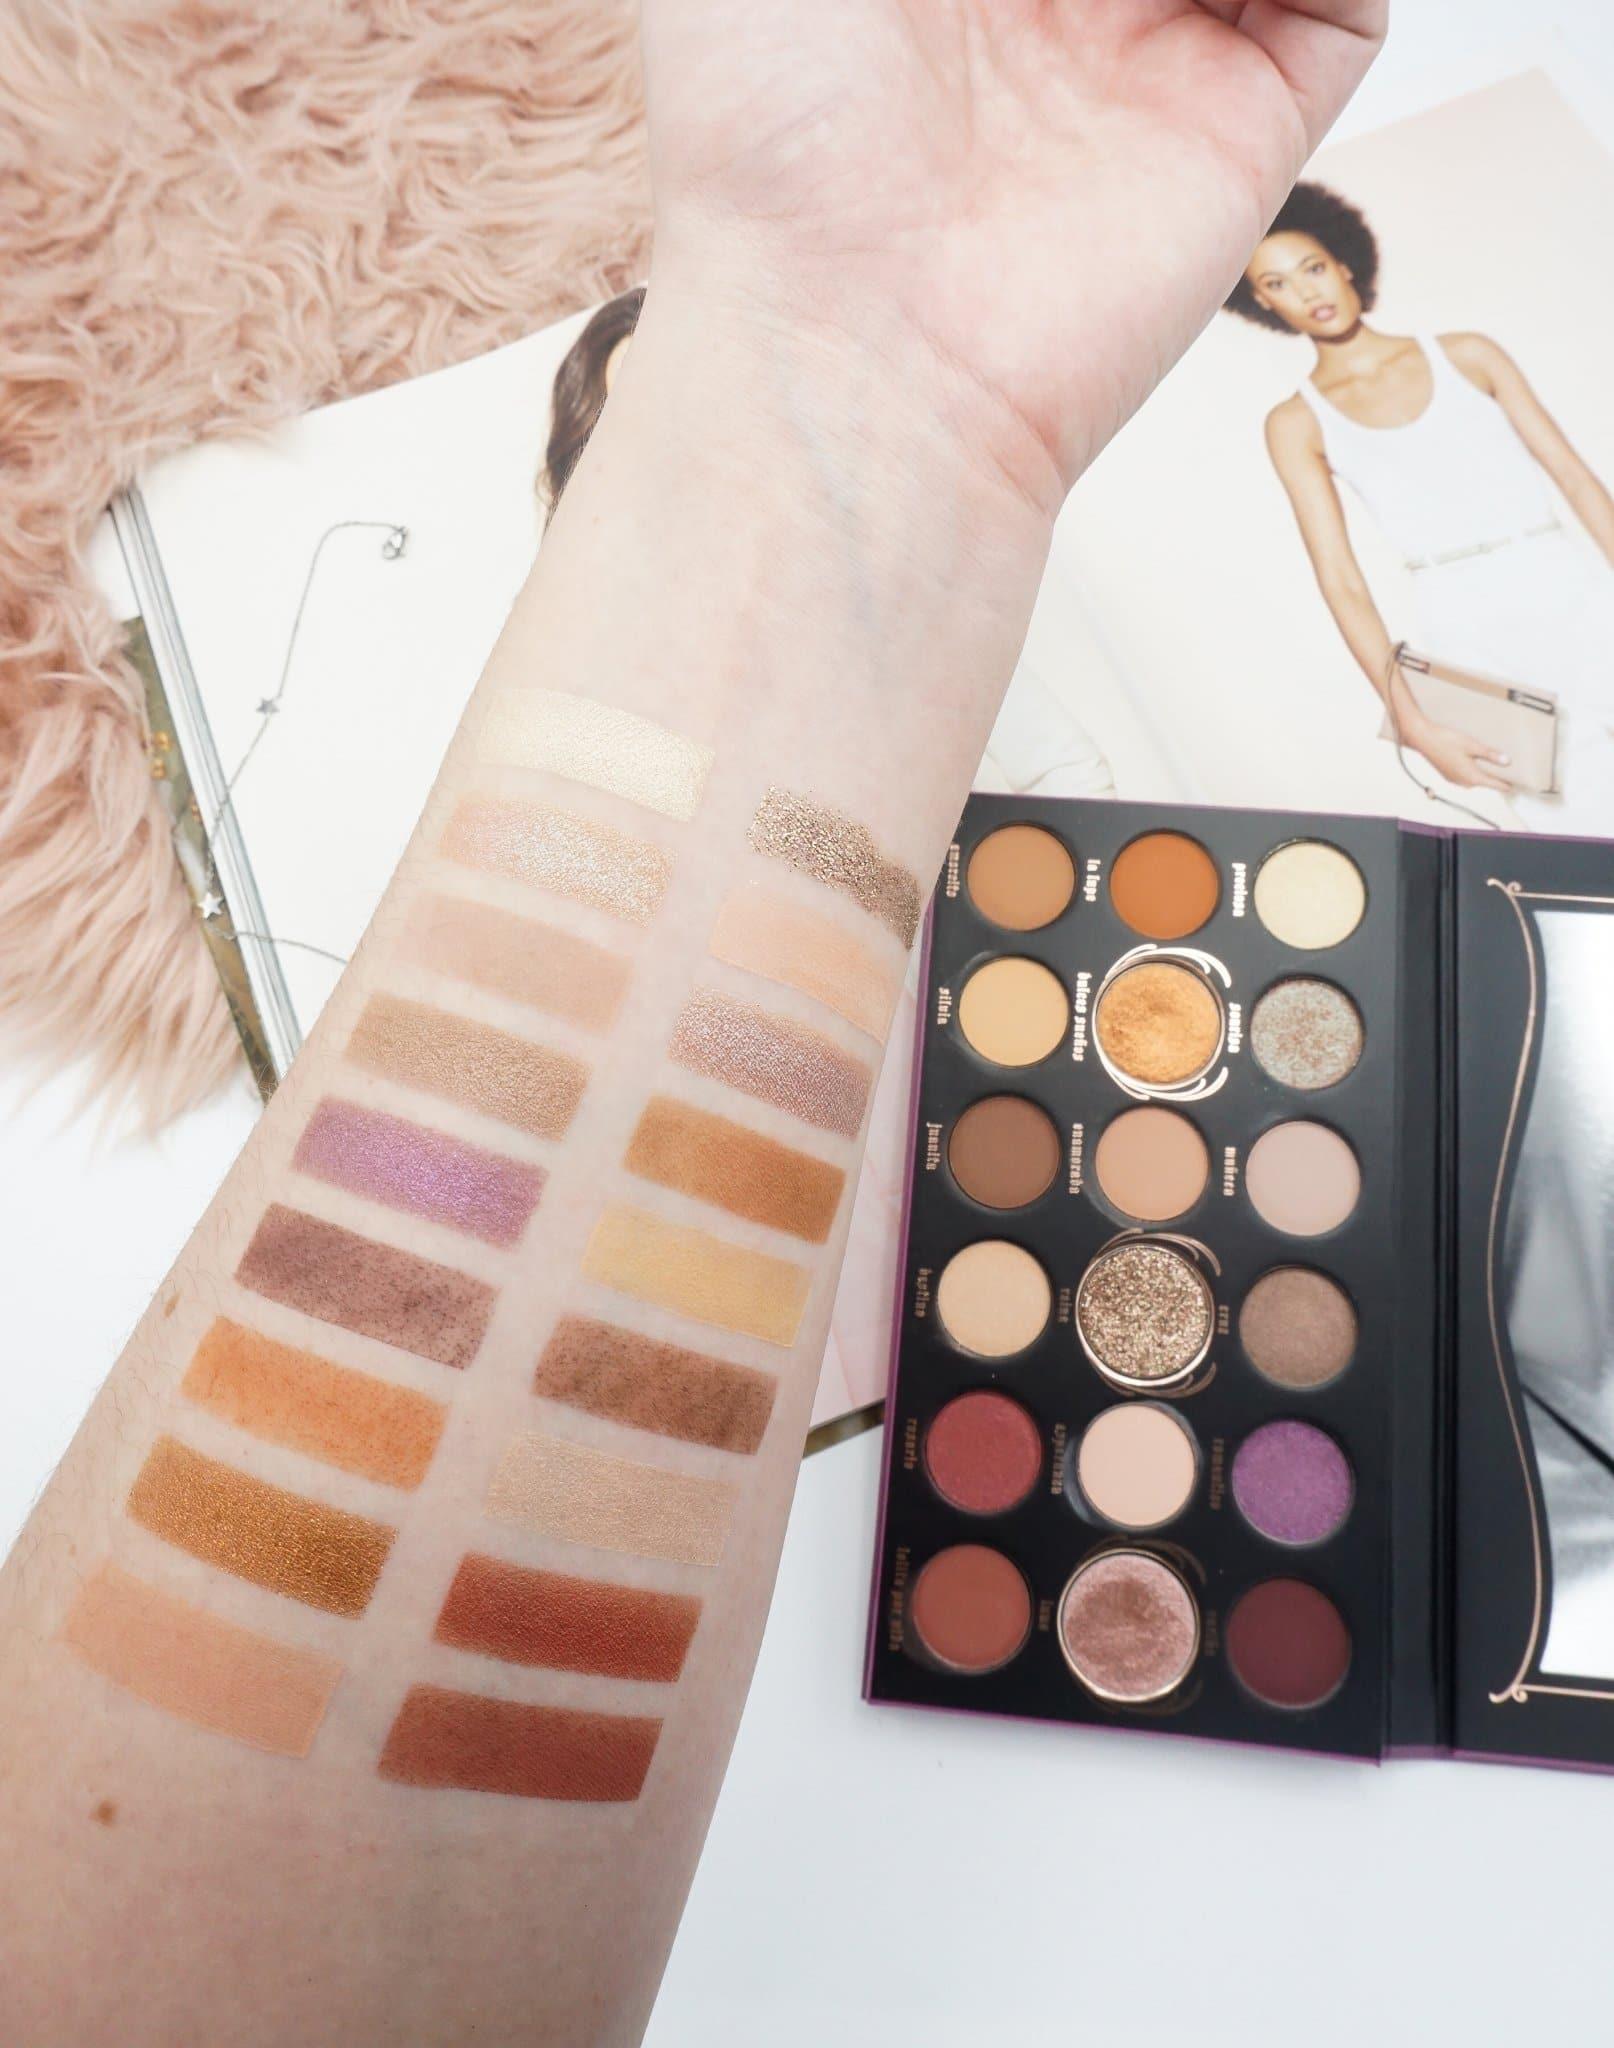 New Kat Von D Lolita Por Vida Eyeshadow Palette Review ⋆ Beautymone